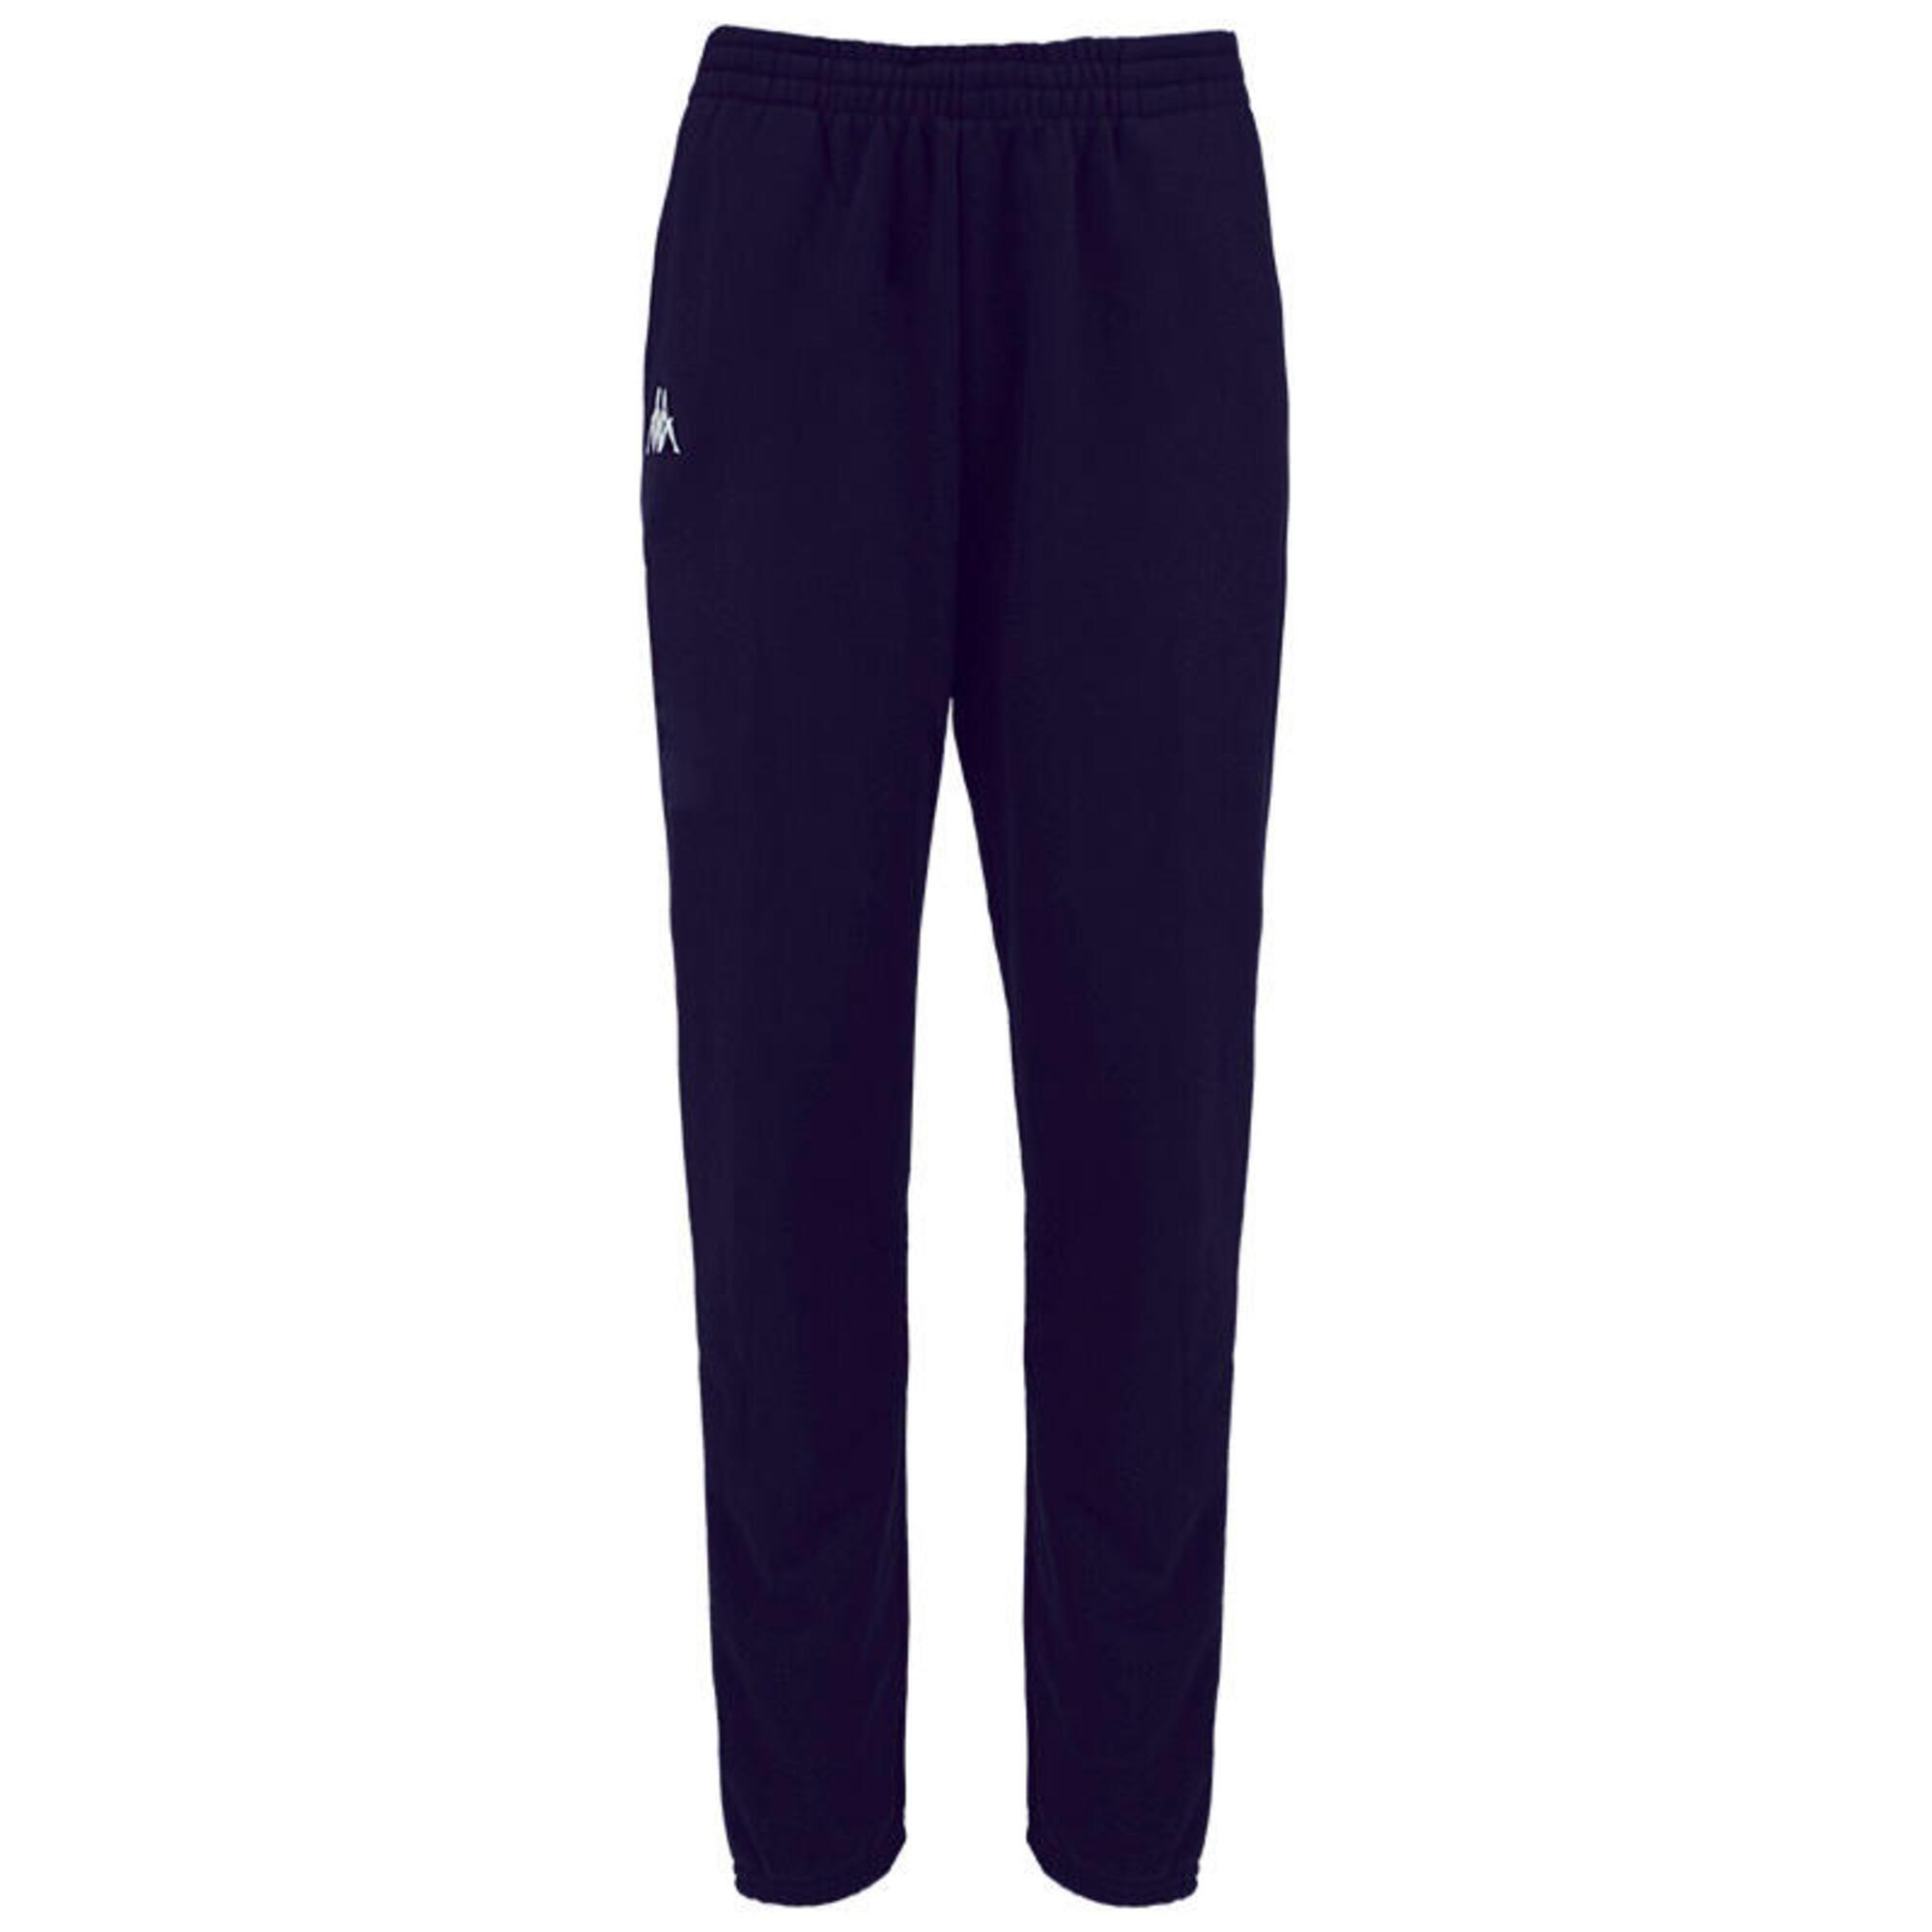 Kappa Miemo Junior Pants